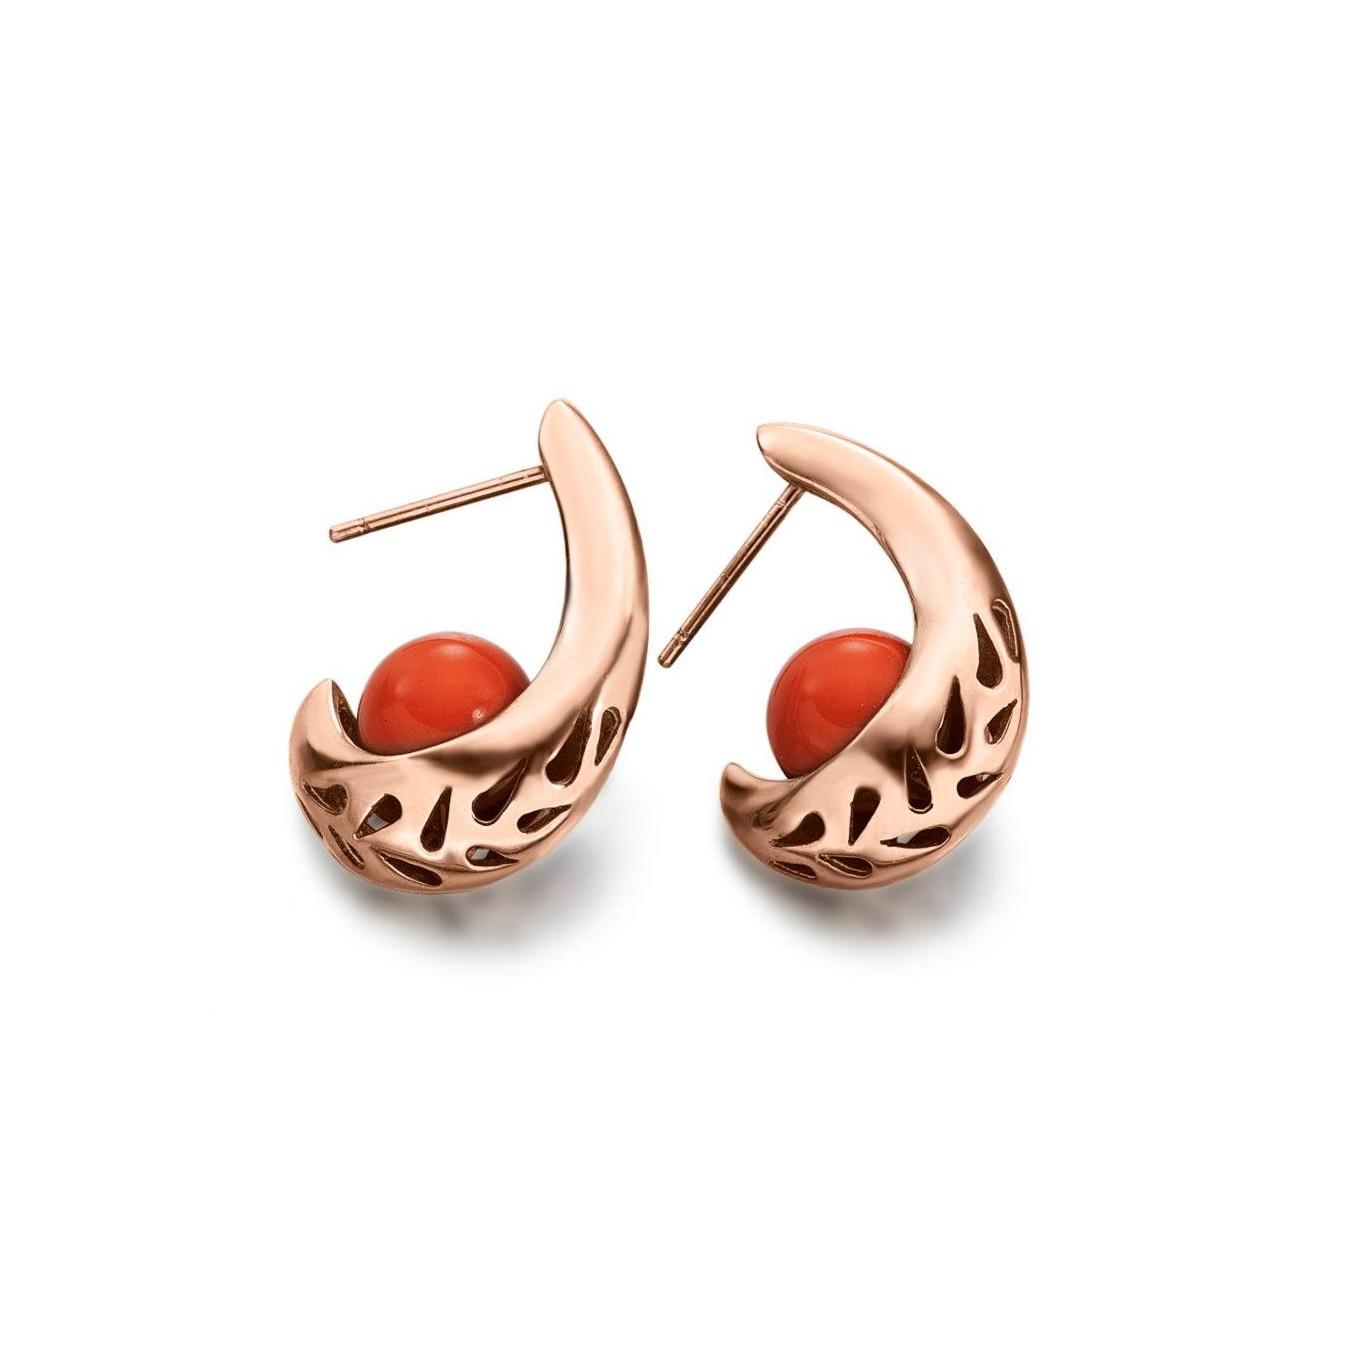 801951c57a77 Pendientes de plata rosa coral piropo joyas joyería juan luis larráyoz  pamplona comprar pendientes online